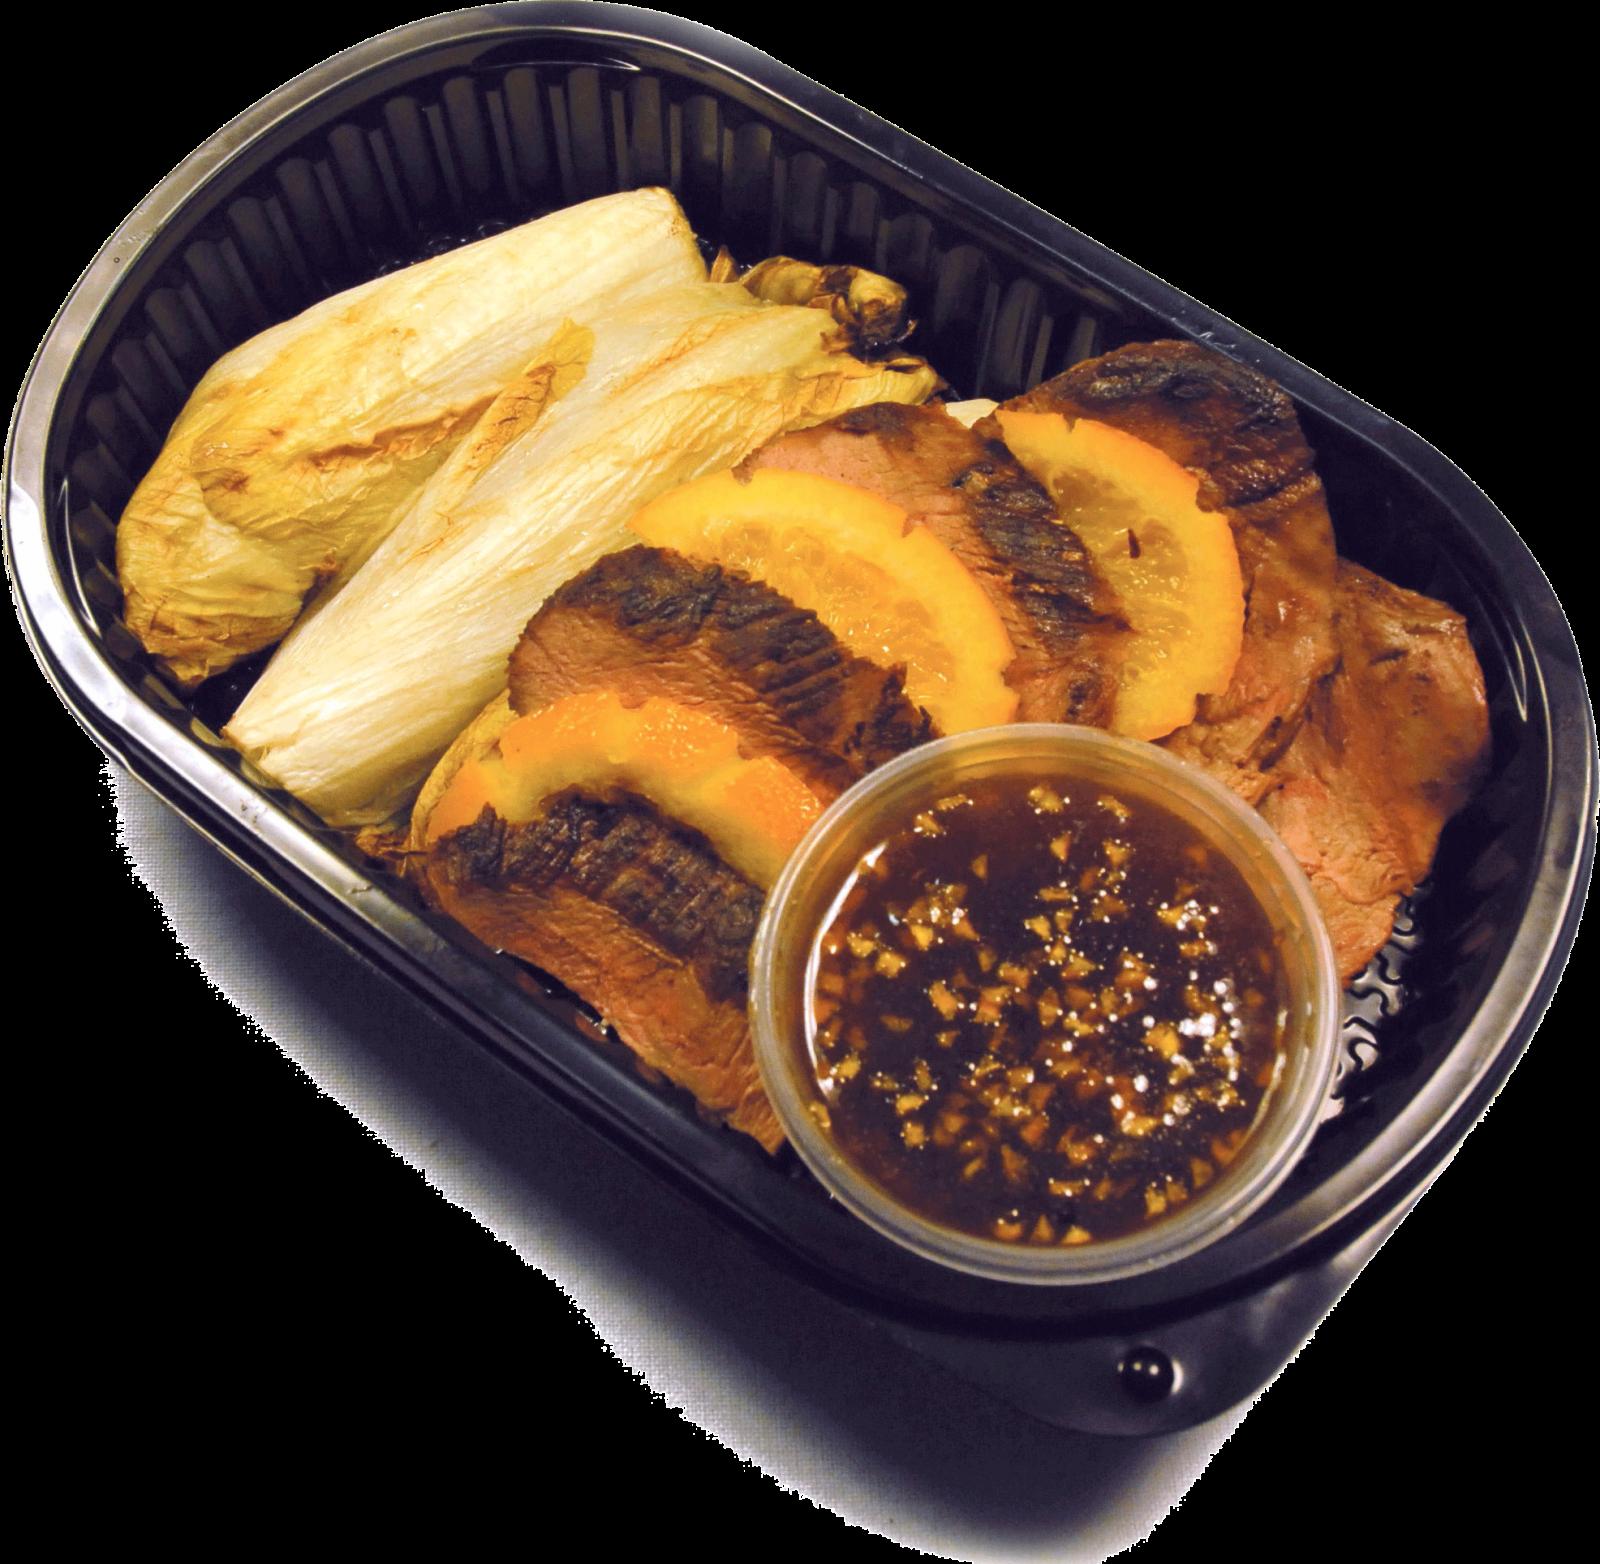 Choisissez le plat principal viande poisson ou salade for Plats cuisines livres a domicile